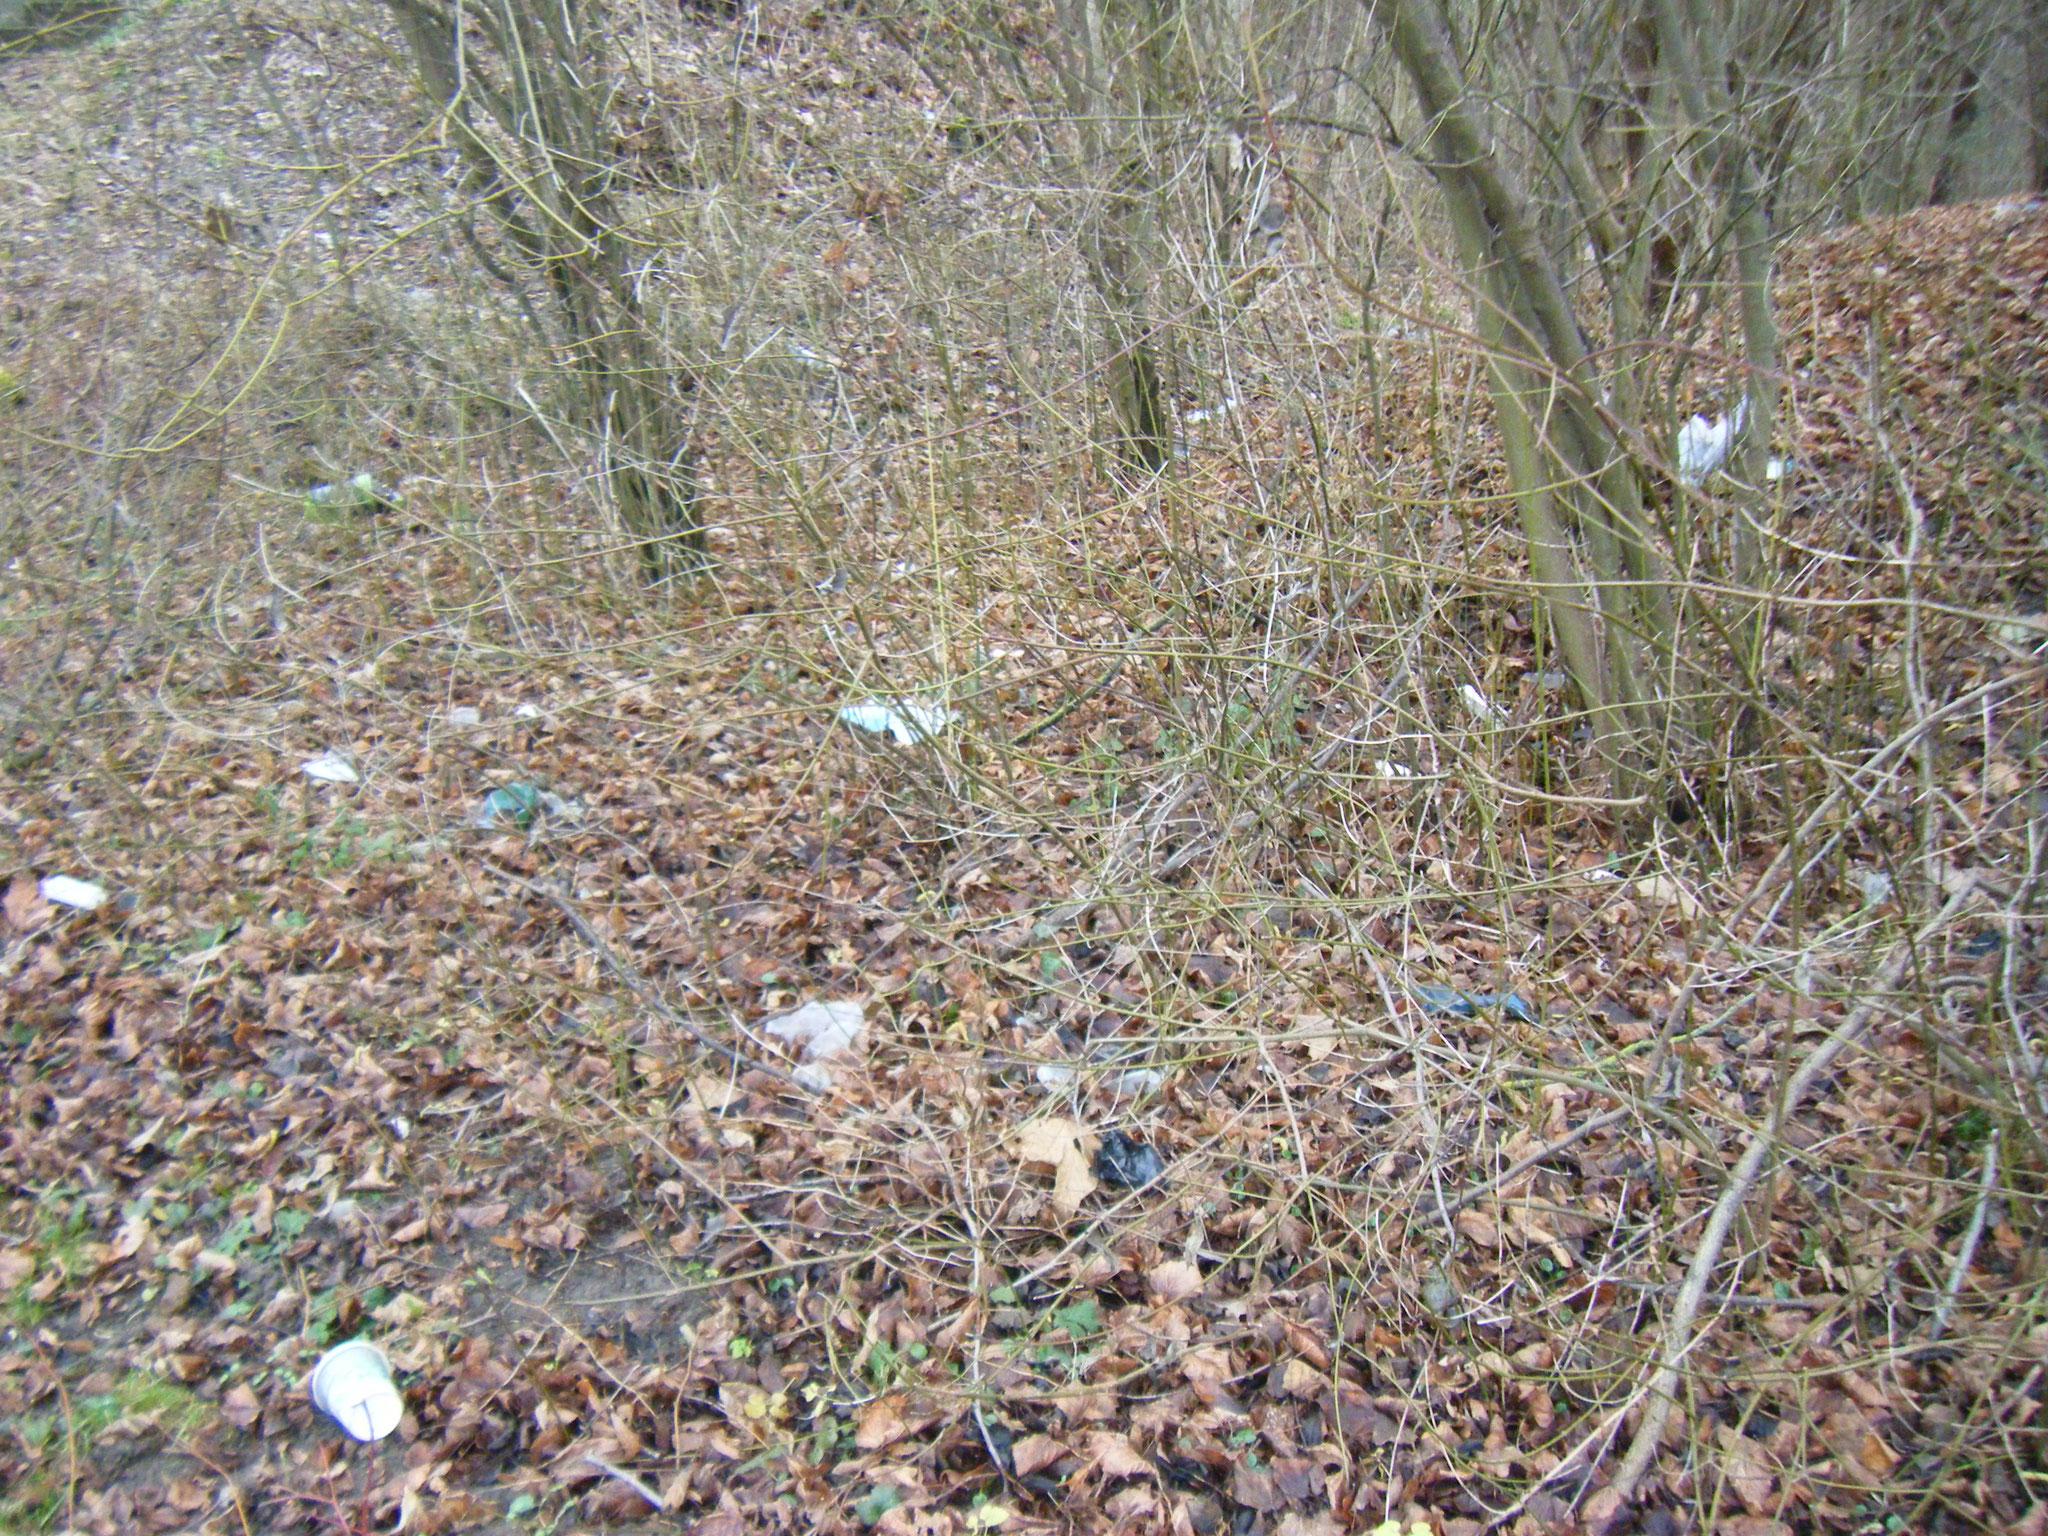 unter den Sträuchern eine Müllkippe